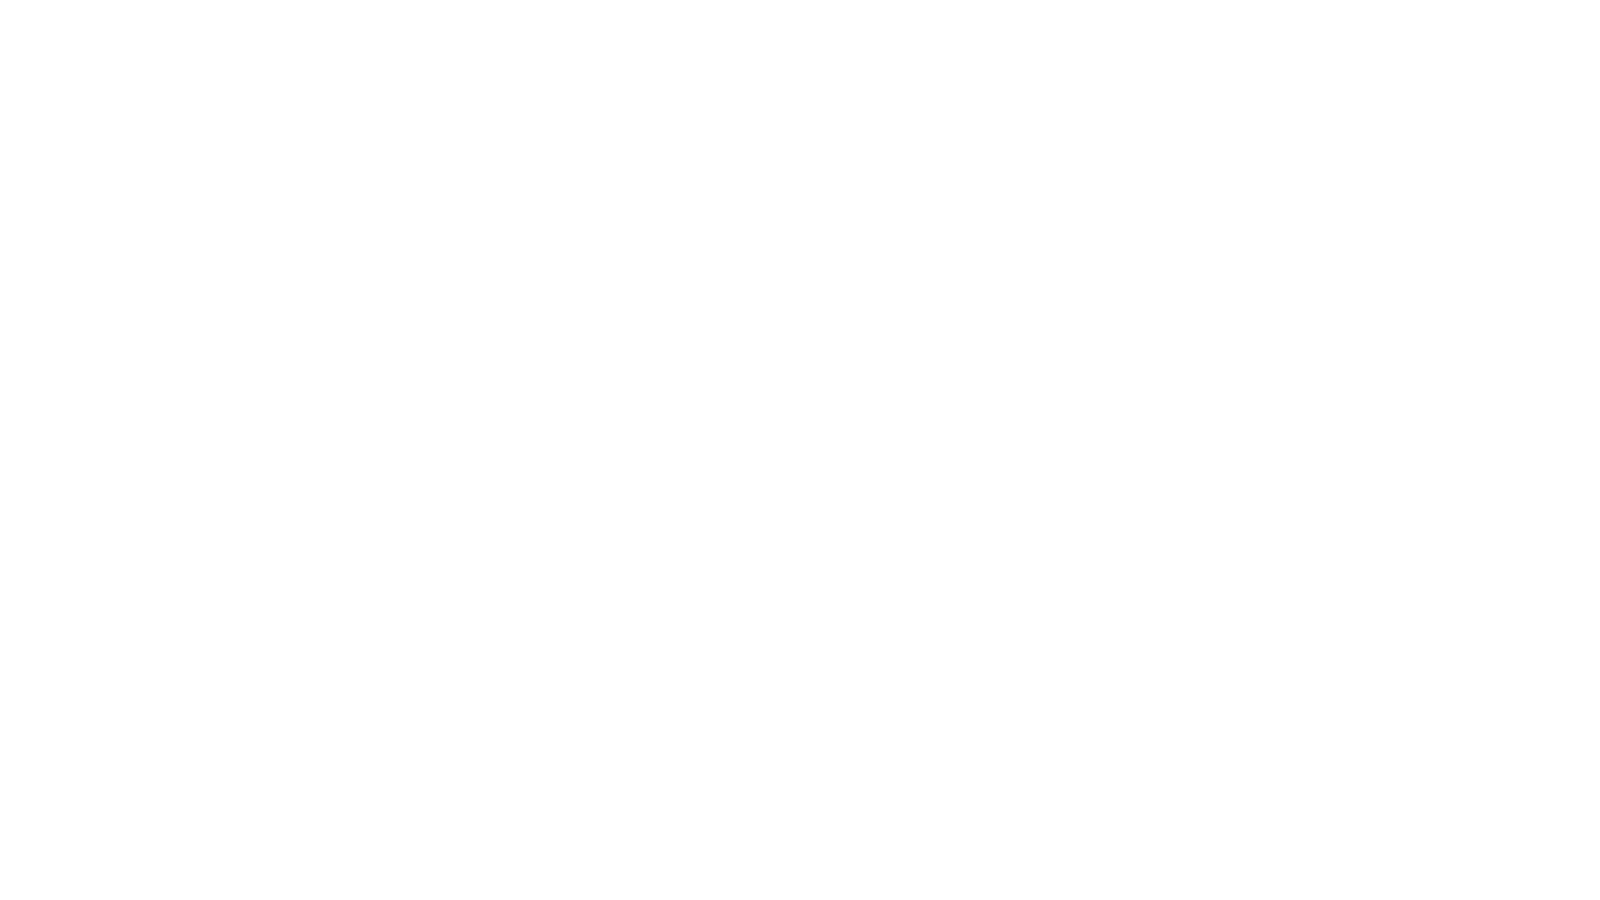 Tengahari esok dah boleh la order Nasi Padang dekat Banafee Village dengan 4 pilihan iaitu Ayam Batakok, Ayam Gulai, Ayam Kalio dan Ikan Talapia dihidang panas panas siap FREE air sekali. Fav admin dekat sini tentunya Nasi Ayam Batakok dihidang bersama ayam penyet panas panas siap dengan sambal hijau dan sambal merah yang pedas habis. Korang boleh order dekat Banafee bandar atau Banafee cawangan Seri Alam, Masai. Enjoy your lunch nanti!  *Nasi Padang boleh juga didapati di aplikasi Grabfood, foodpanda dan GoEat   📍  No. 9022, Jalan Dato Abdullah Tahir, Johor Bahru (Cawangan Bandar) 📍 Bandar Baru Seri Alam, Masai (Cawangan Seri Alam) ⏰  11.00 Pagi - 10.00 Malam (Setiap Hari)  ☎️  Whatsapp untuk delivery (Cawangan bandar), http://www.wasap.my/60197772620  ☎️  Whatsapp untuk delivery (Cawangan Bandar Seri Alam),  http://www.wasap.my/60177428593  CLIENT  BANAFEE VILLAGE X BANAFEE EXPRESS Facebook Page - https://www.facebook.com/banafeevillage Instagram - https://www.instagram.com/banafee.village.jb/  CONNECT  VISIT JOHOR Facebook Page - https://www.facebook.com/visitjohorofficial Instagram - https://www.instagram.com/visitjohor/ Twitter - https://twitter.com/visitjohor_ Telegram Channel - https://t.me/visitjohortelegram TikTok - https://vt.tiktok.com/AXX9hq/   CONTACT US  admin@visitjohor.my   #BanafeeVillage #VisitJohorMakan #NasiPadangJohor